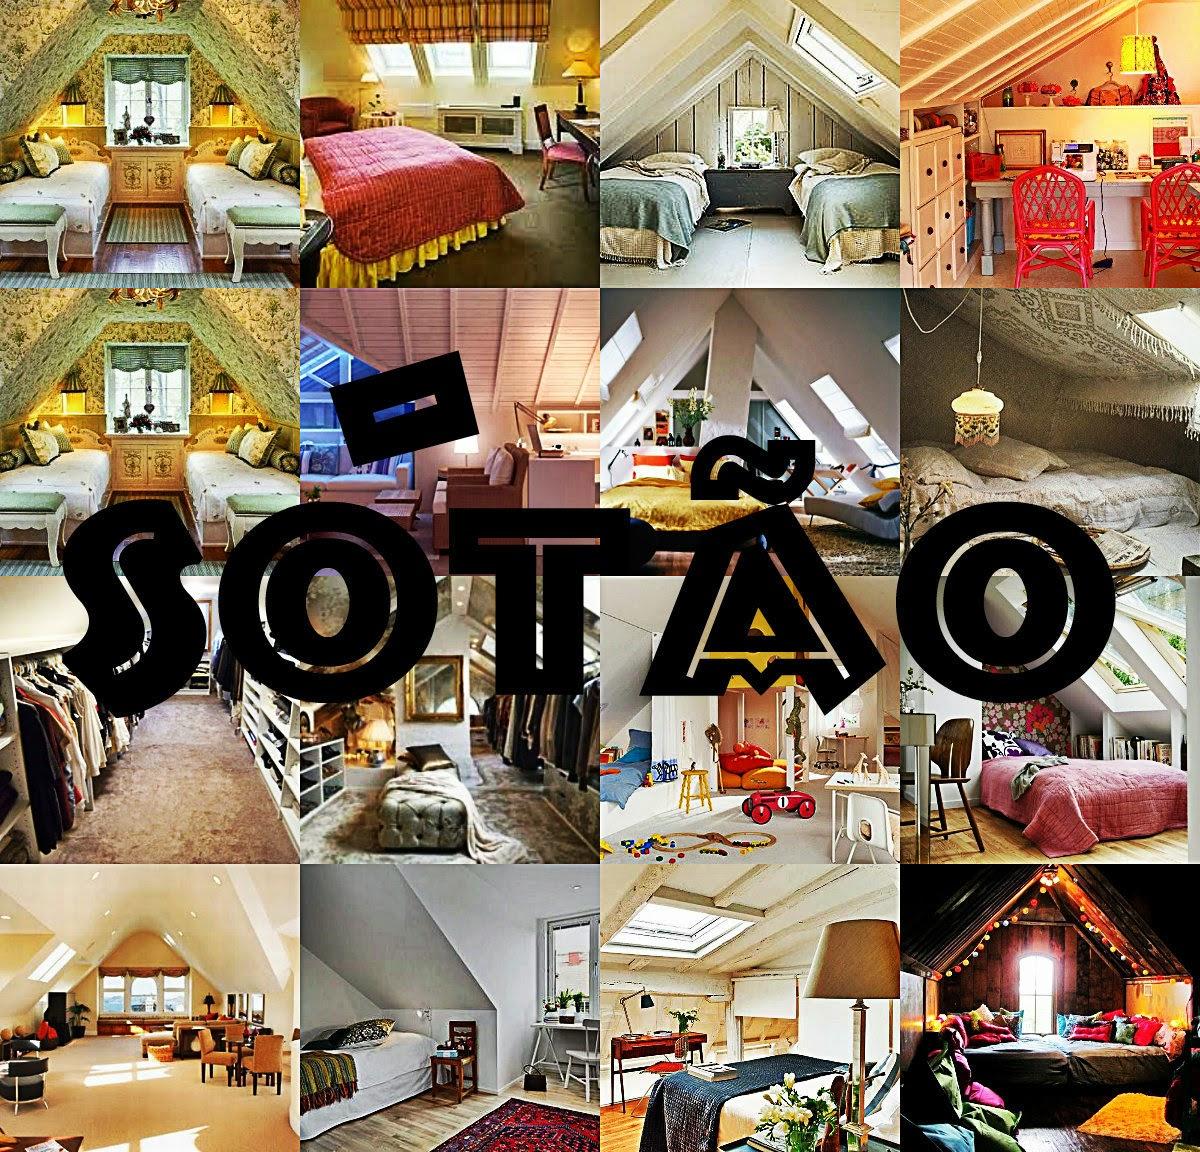 Sala De Tv No Sotao ~  internet, só agora, trocando de assunto, hoje vamos falar de sótão